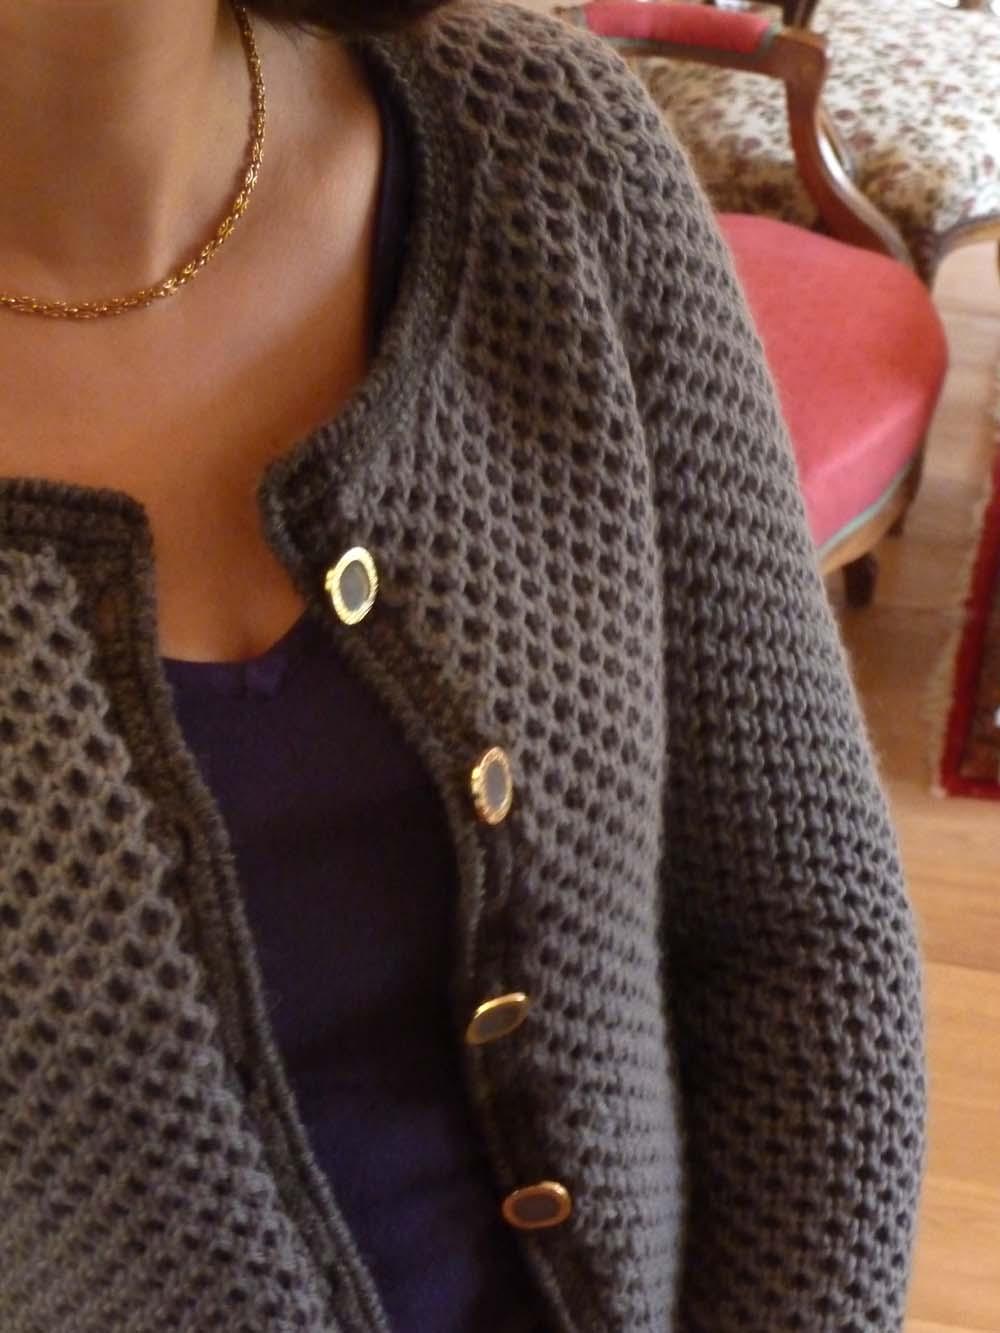 Je veux trouver un bon vêtement tricot femme de qualité et pas cher ICI  Gilet tricot chanel c552588169a